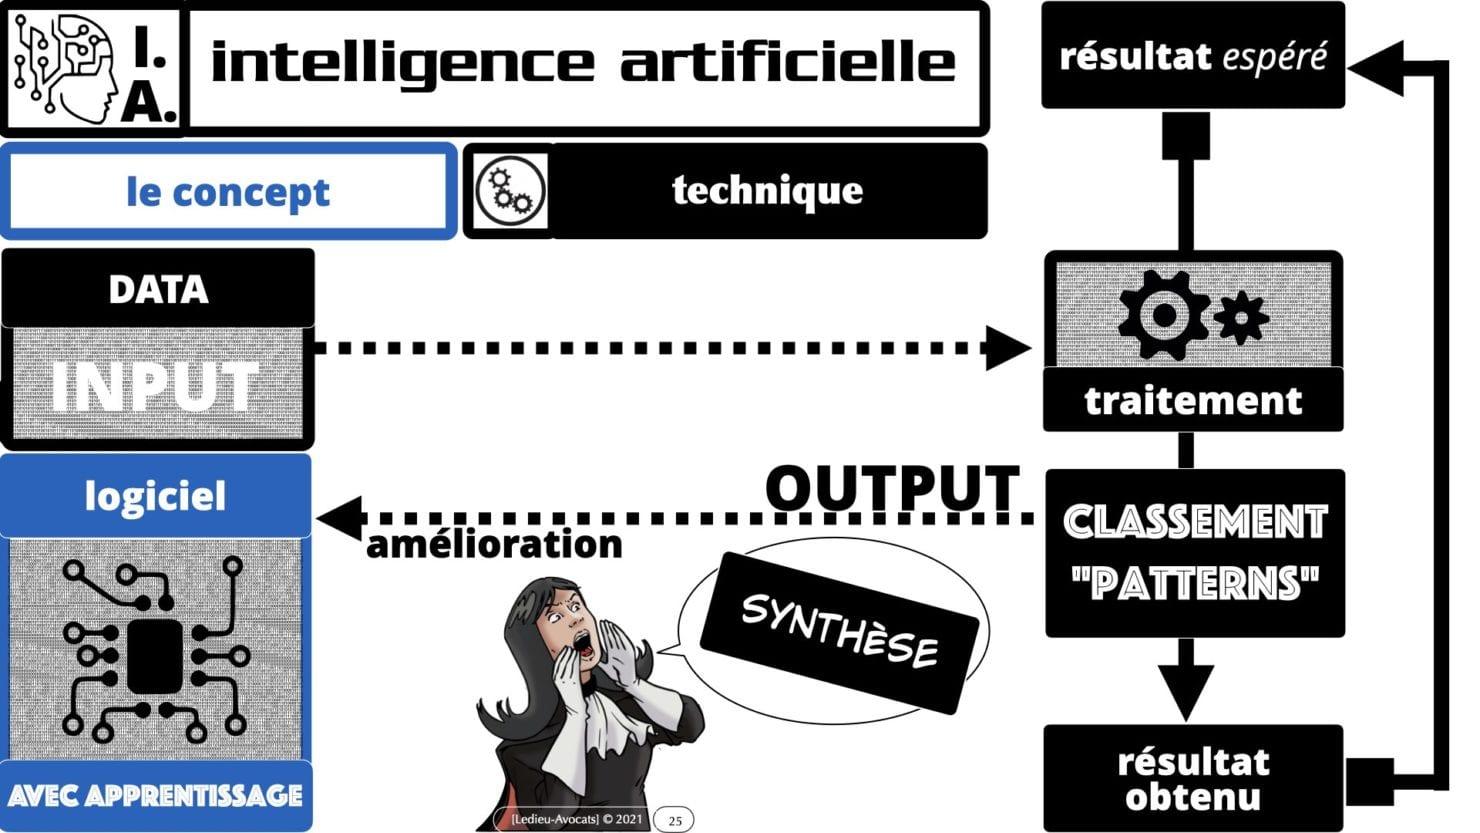 335 Intelligence Artificielle 2021 et AI Act [projet de Règlement UE] deep learning machine learning © Ledieu-Avocats 04-06-2021 *16:9*.025